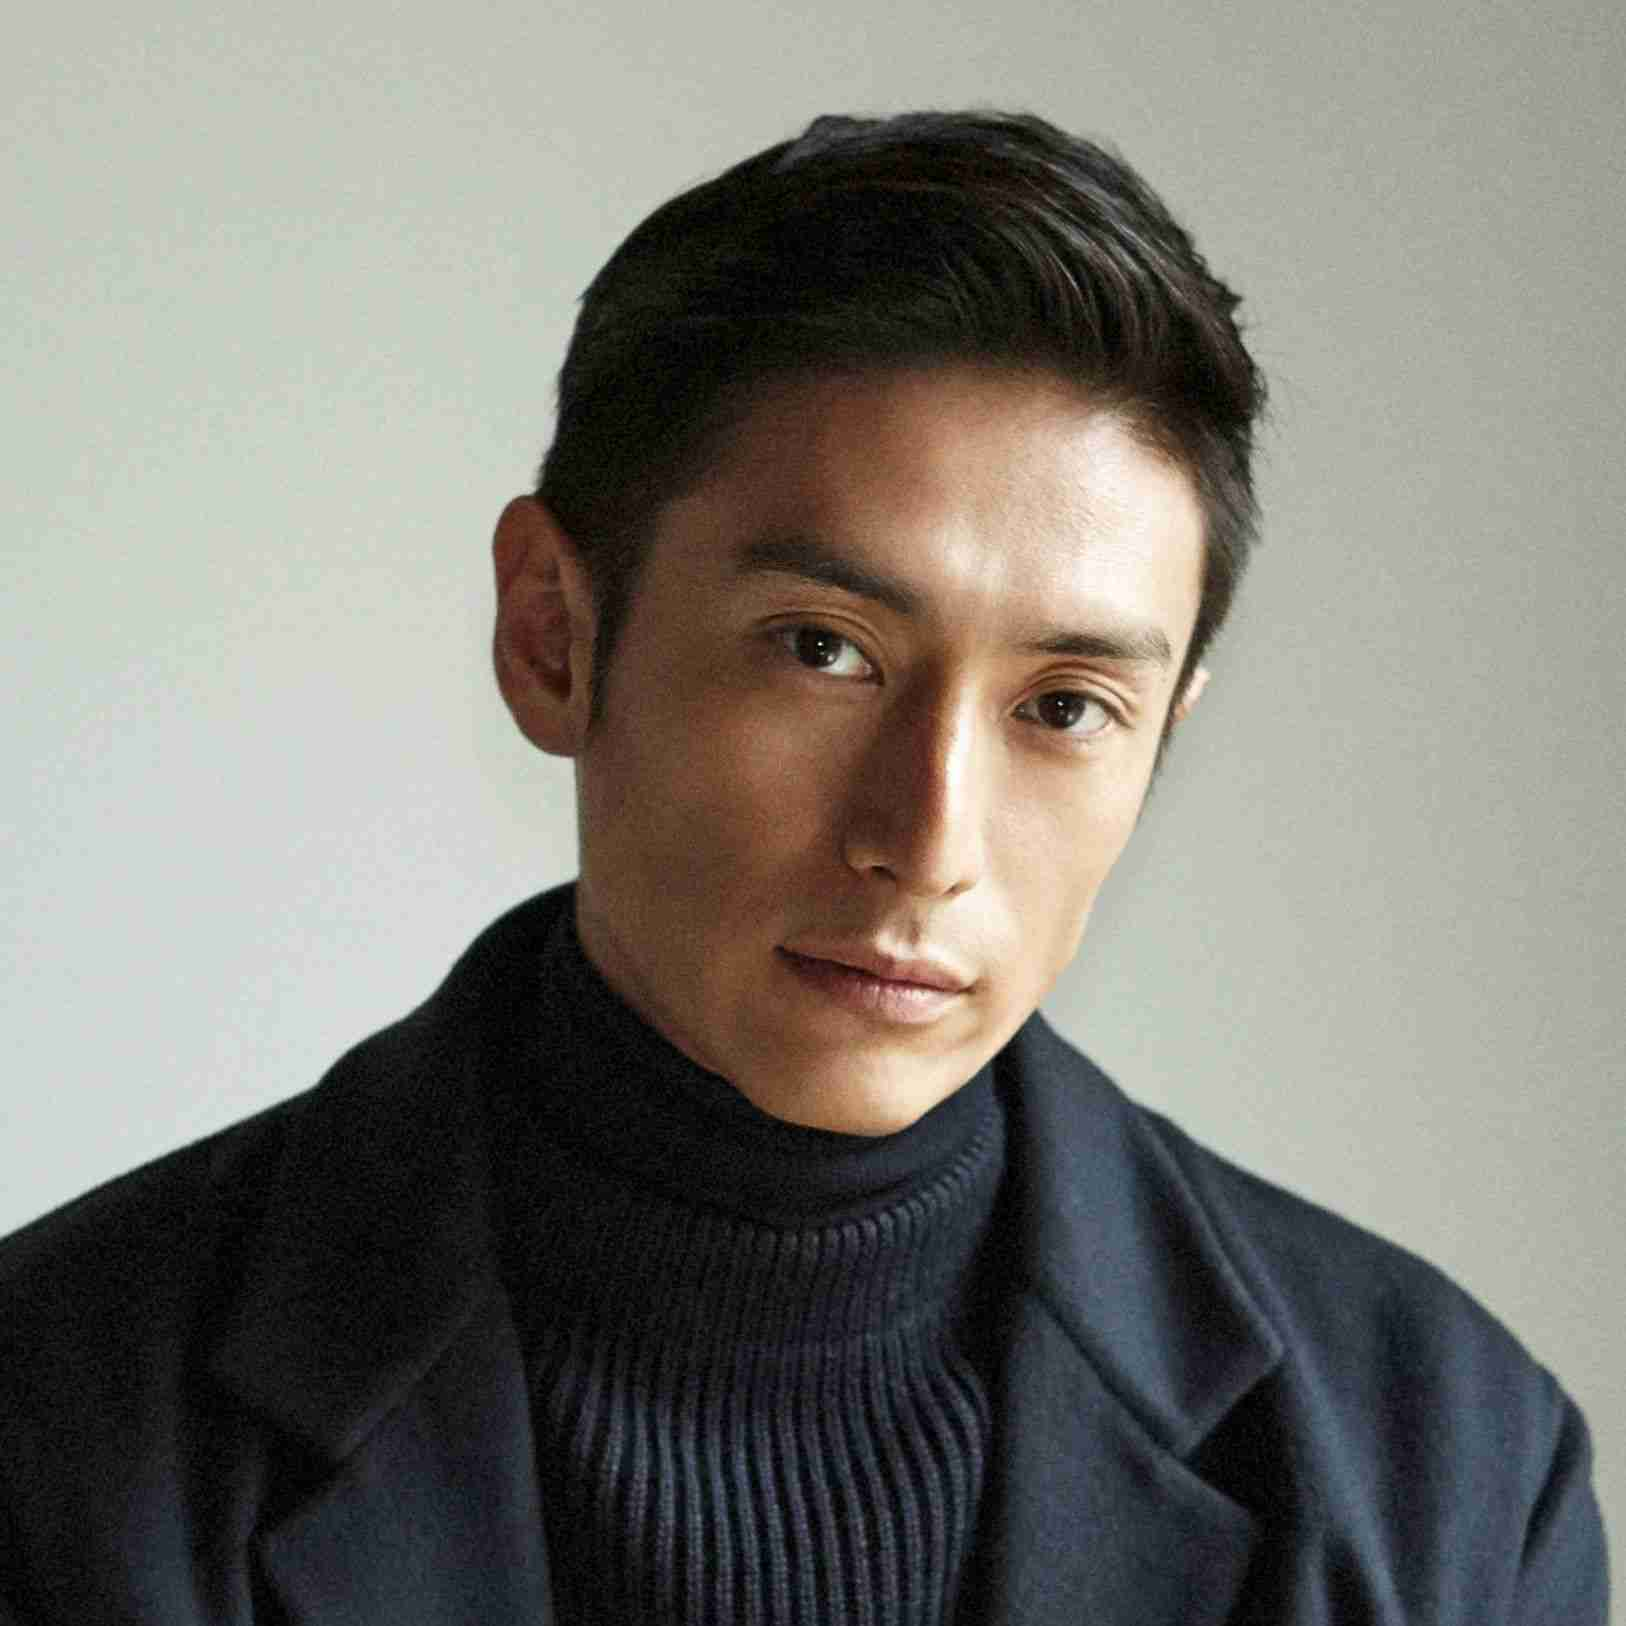 モデル出身の俳優